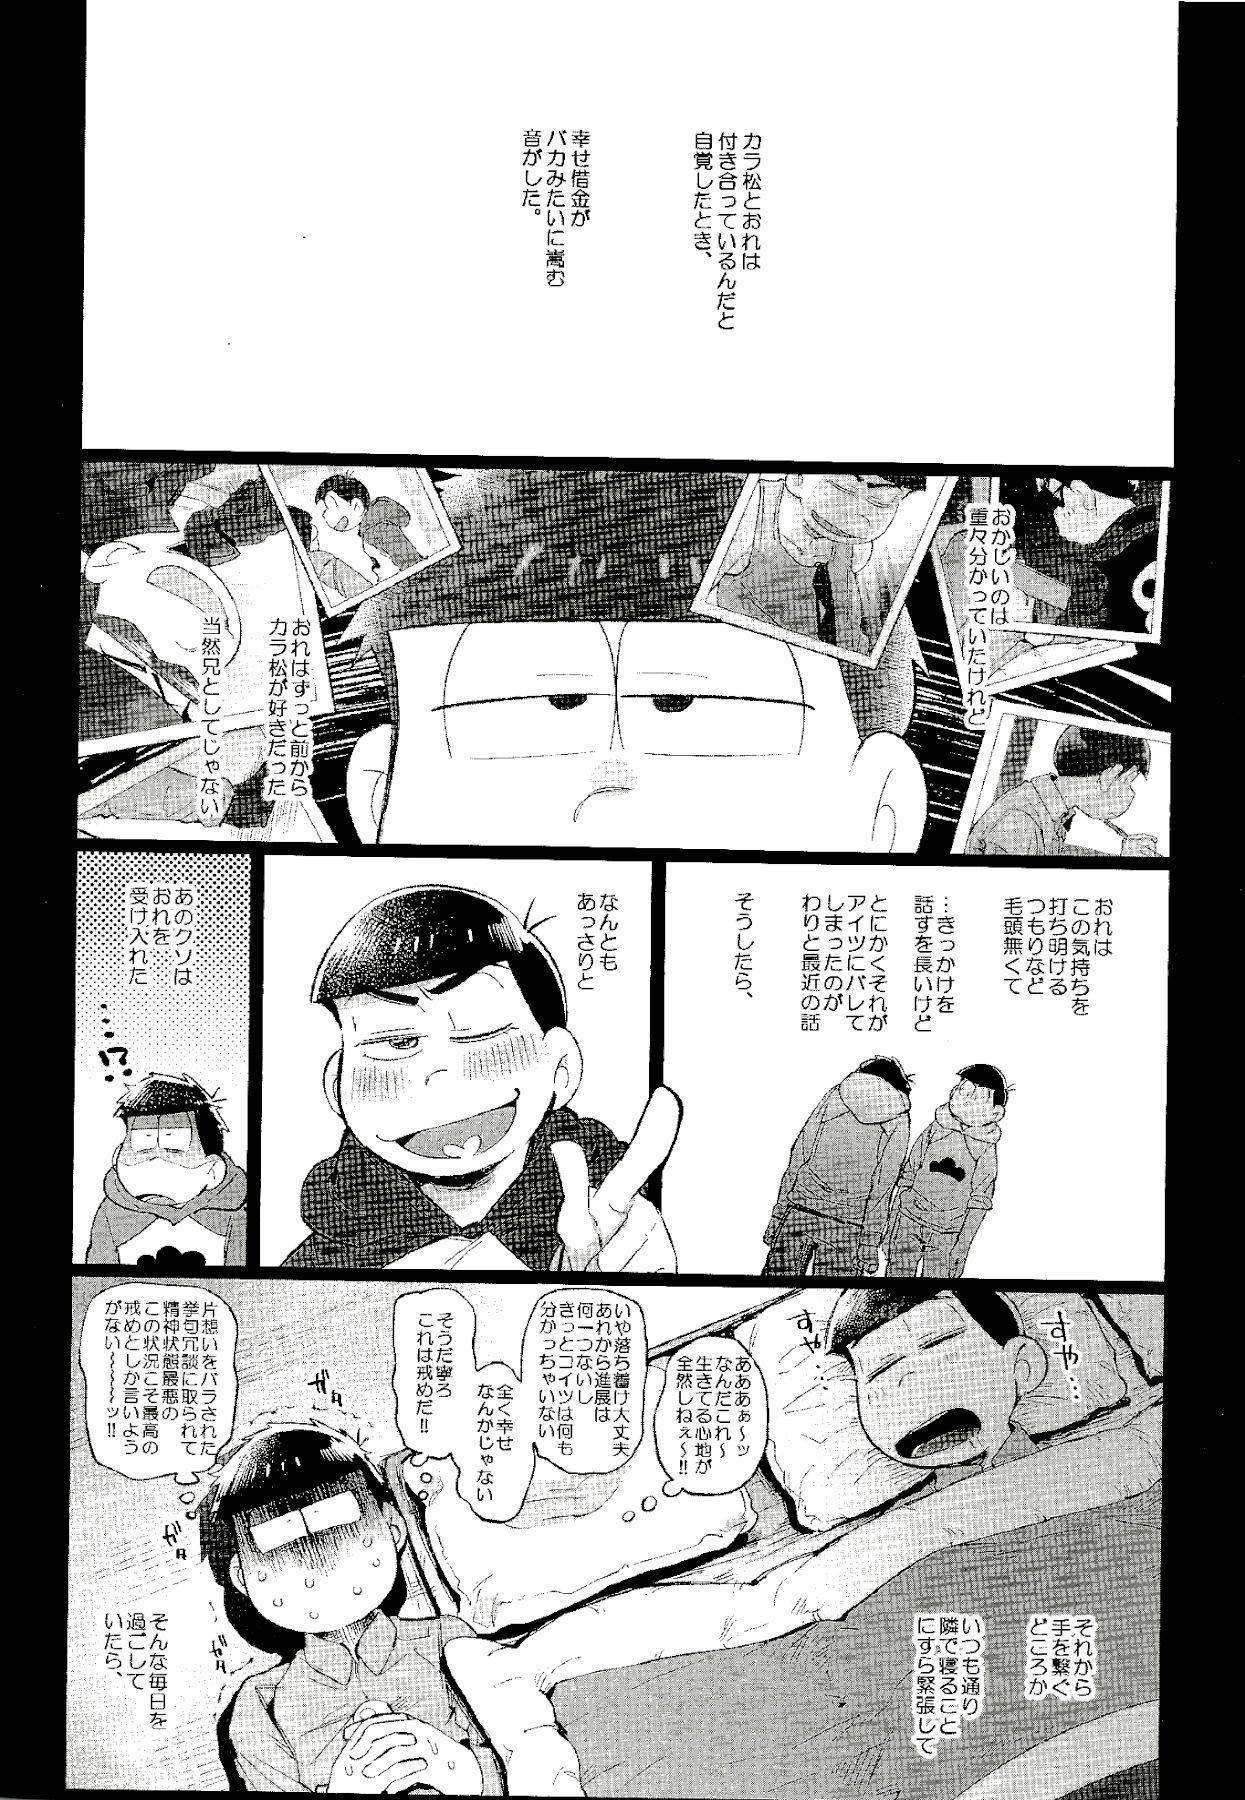 Kore ga Bokura no Imashime Riron 20